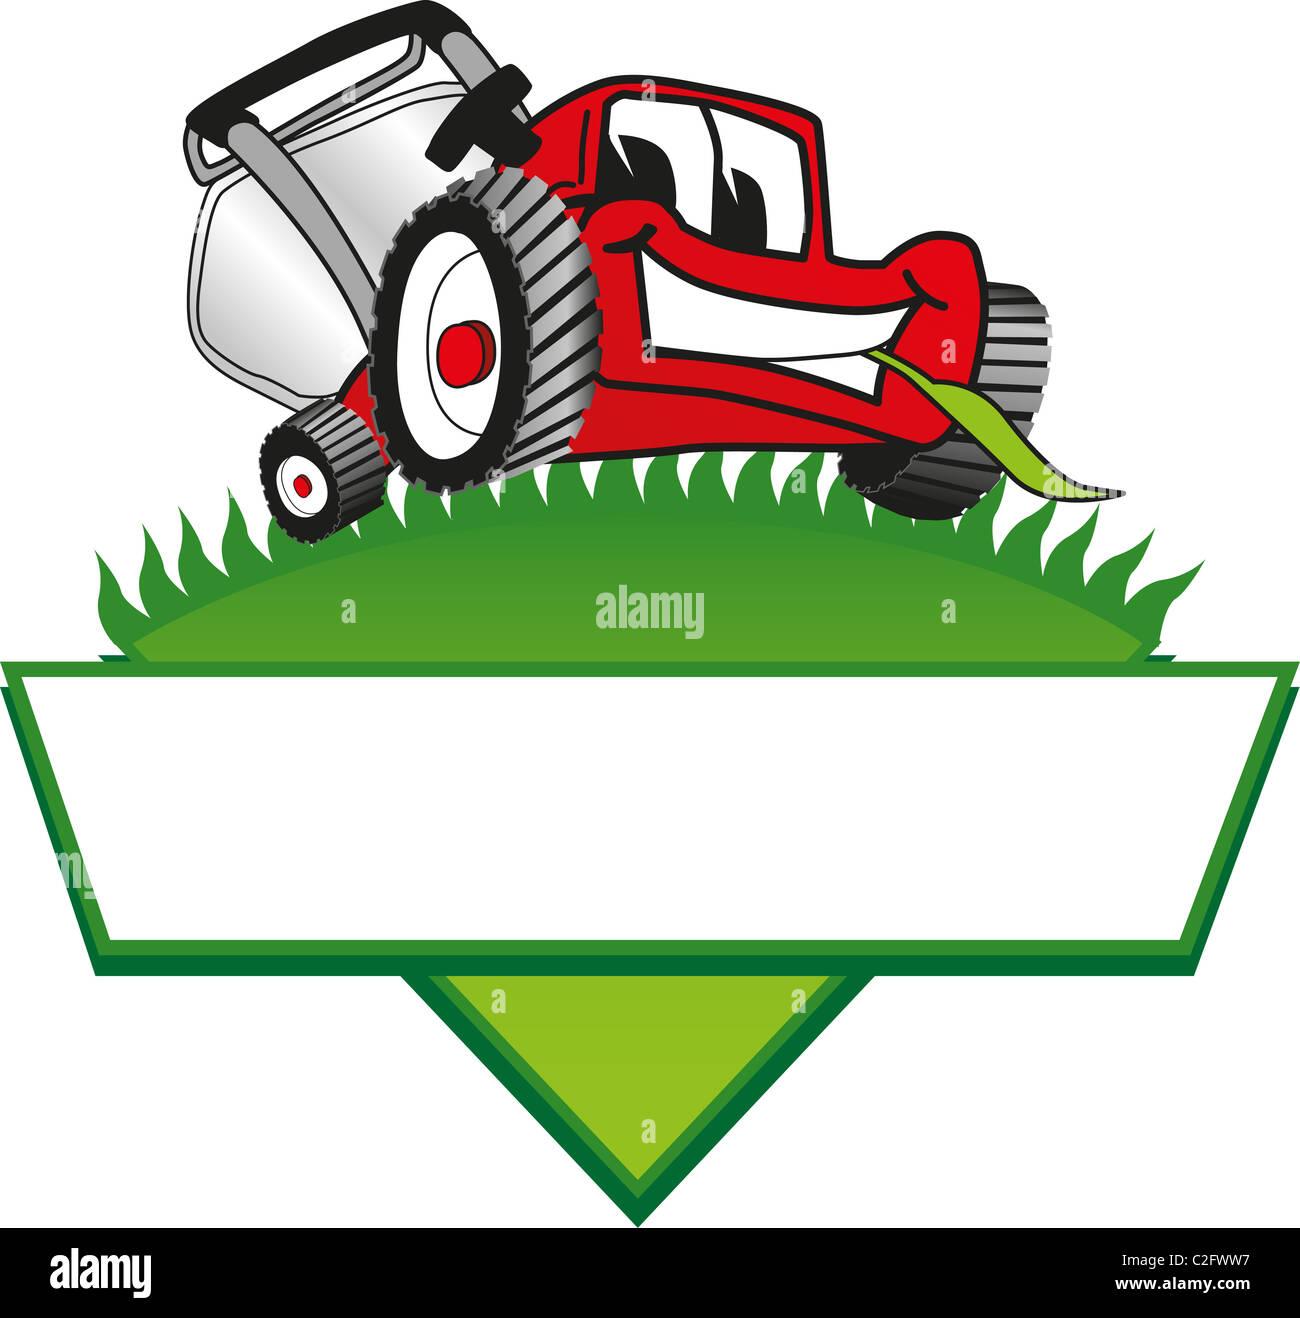 free cartoon lawn mower clipart - photo #14